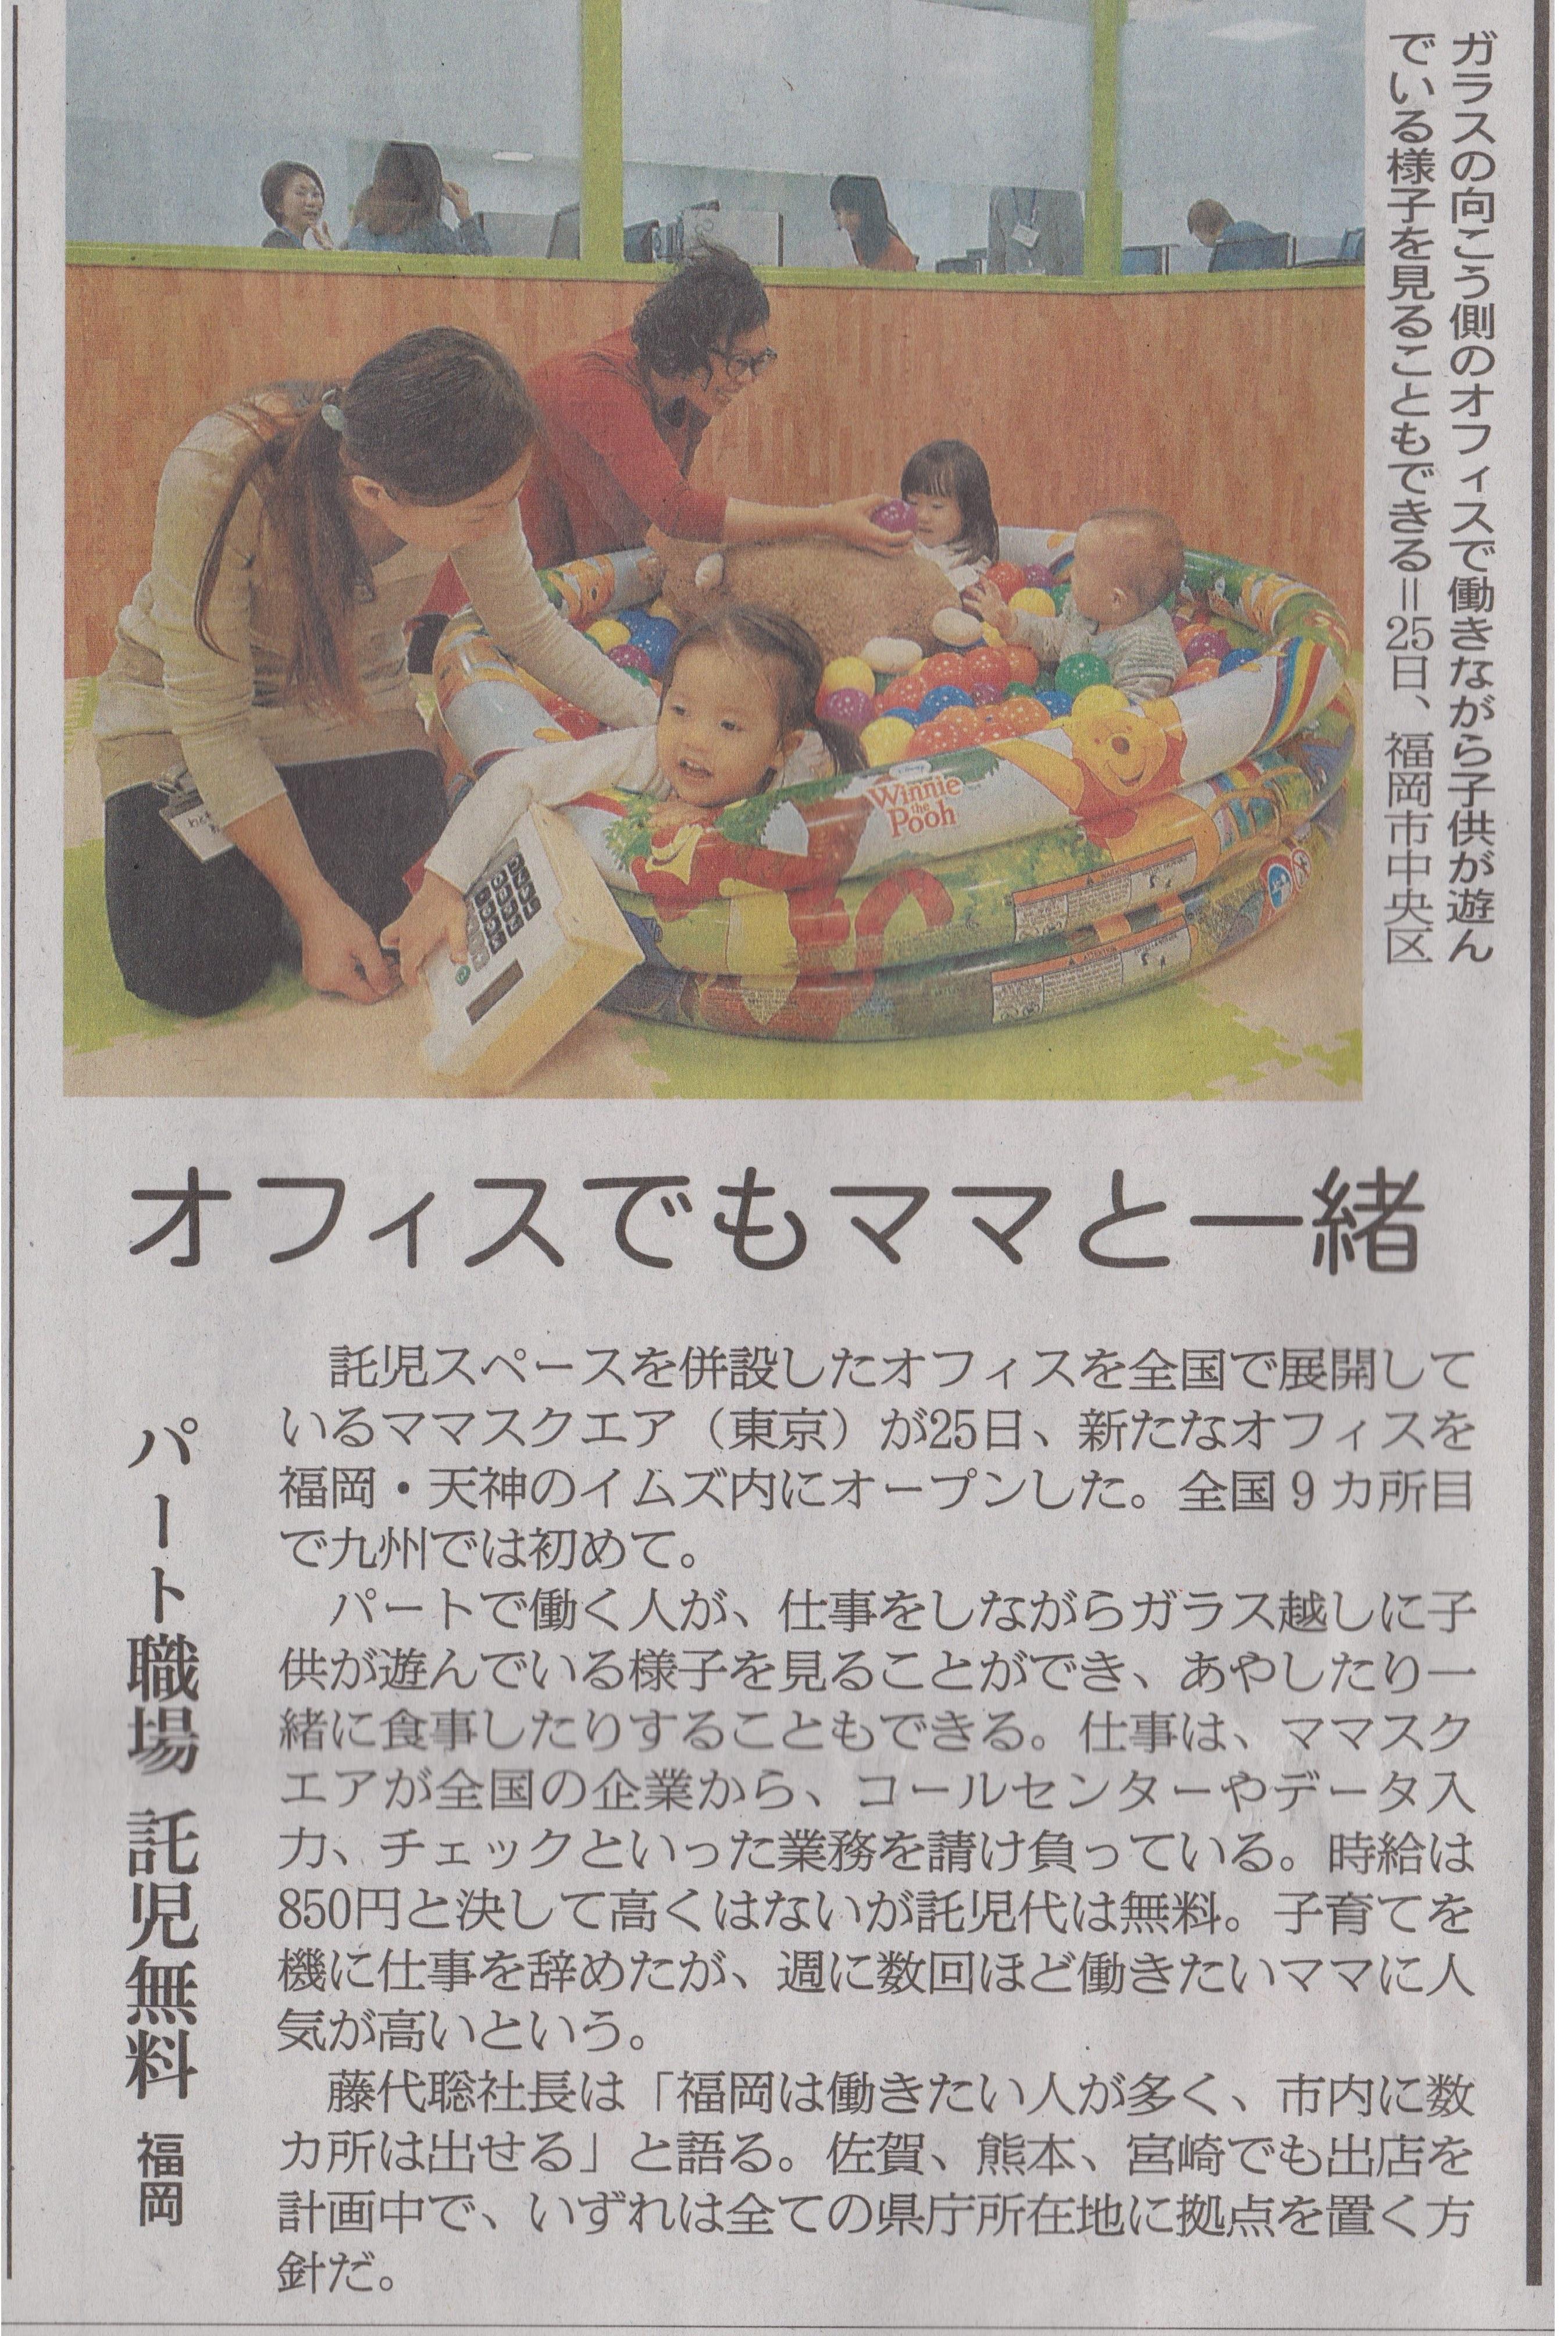 朝日新聞に「福岡・天神イムズ店」を紹介いただきました。